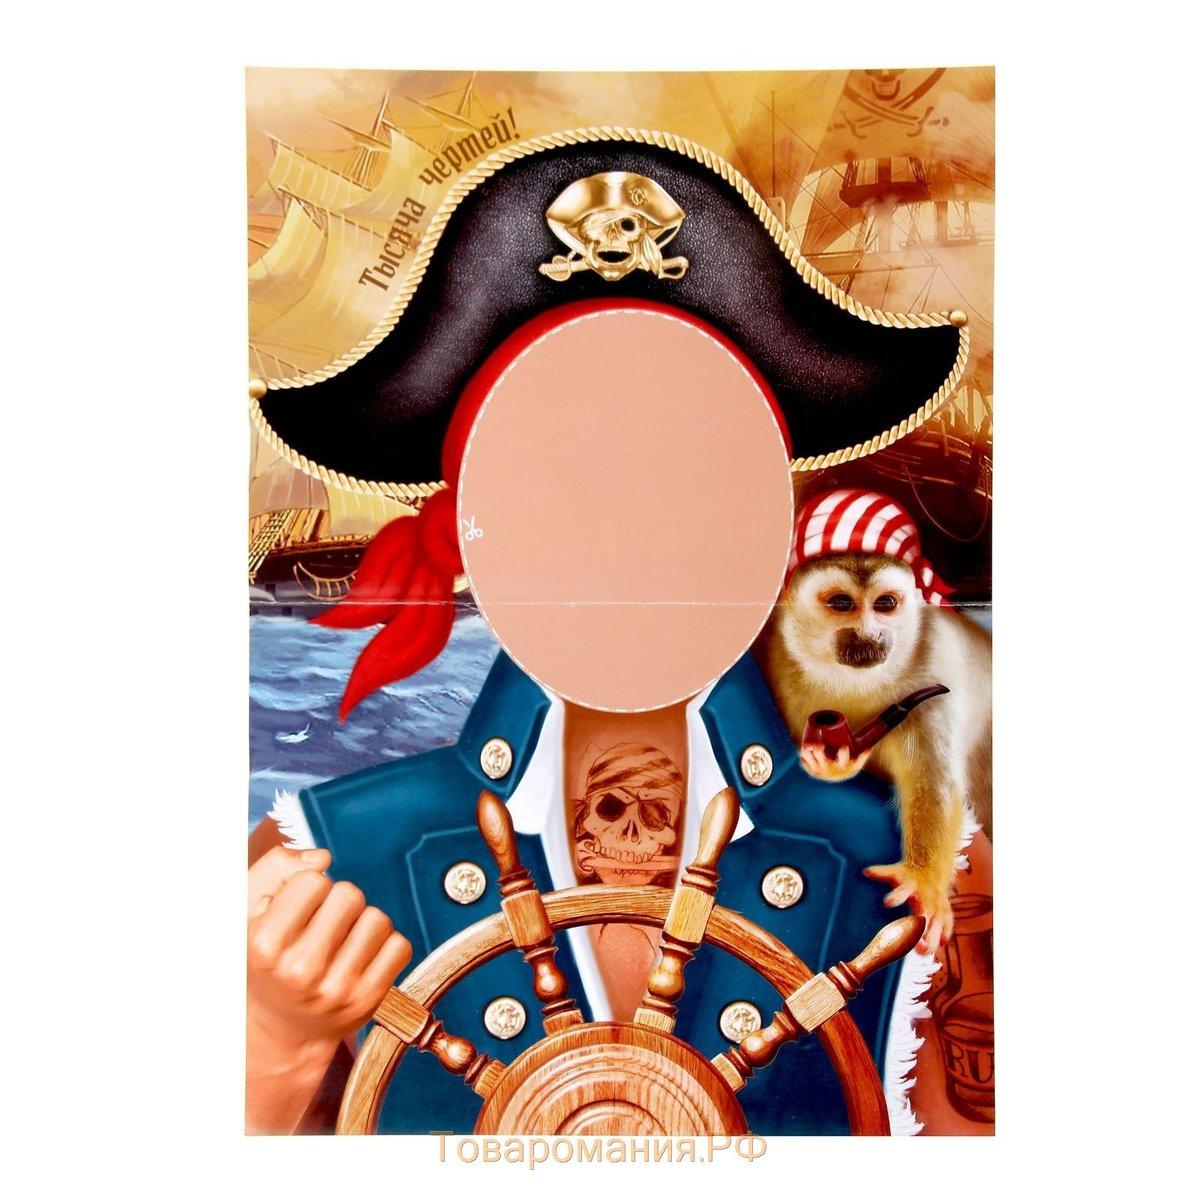 постер на пиратскую вечеринку фототехники